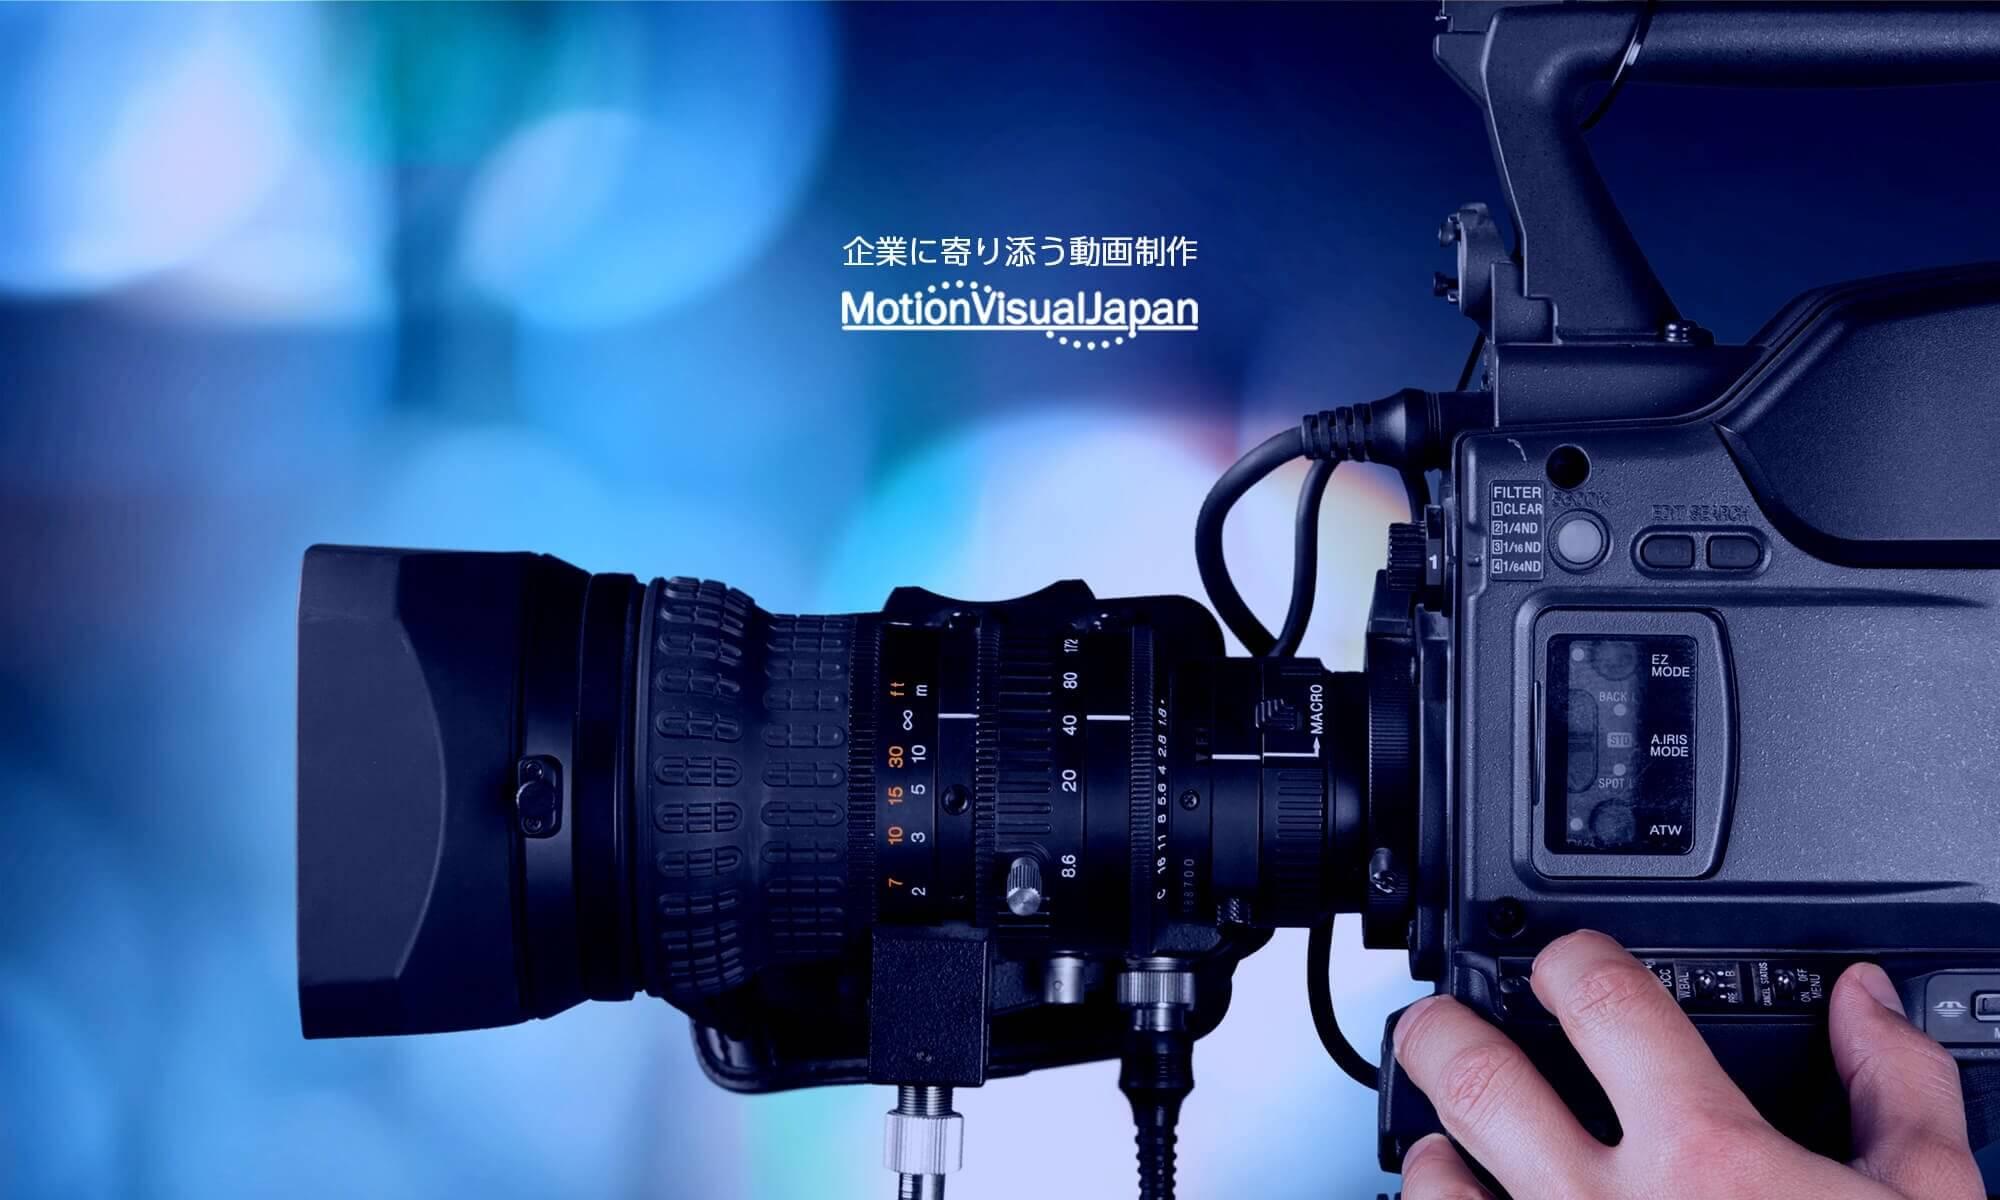 ドキュメンタリー映像制作の株式会社モーション・ビジュアル・ジャパン